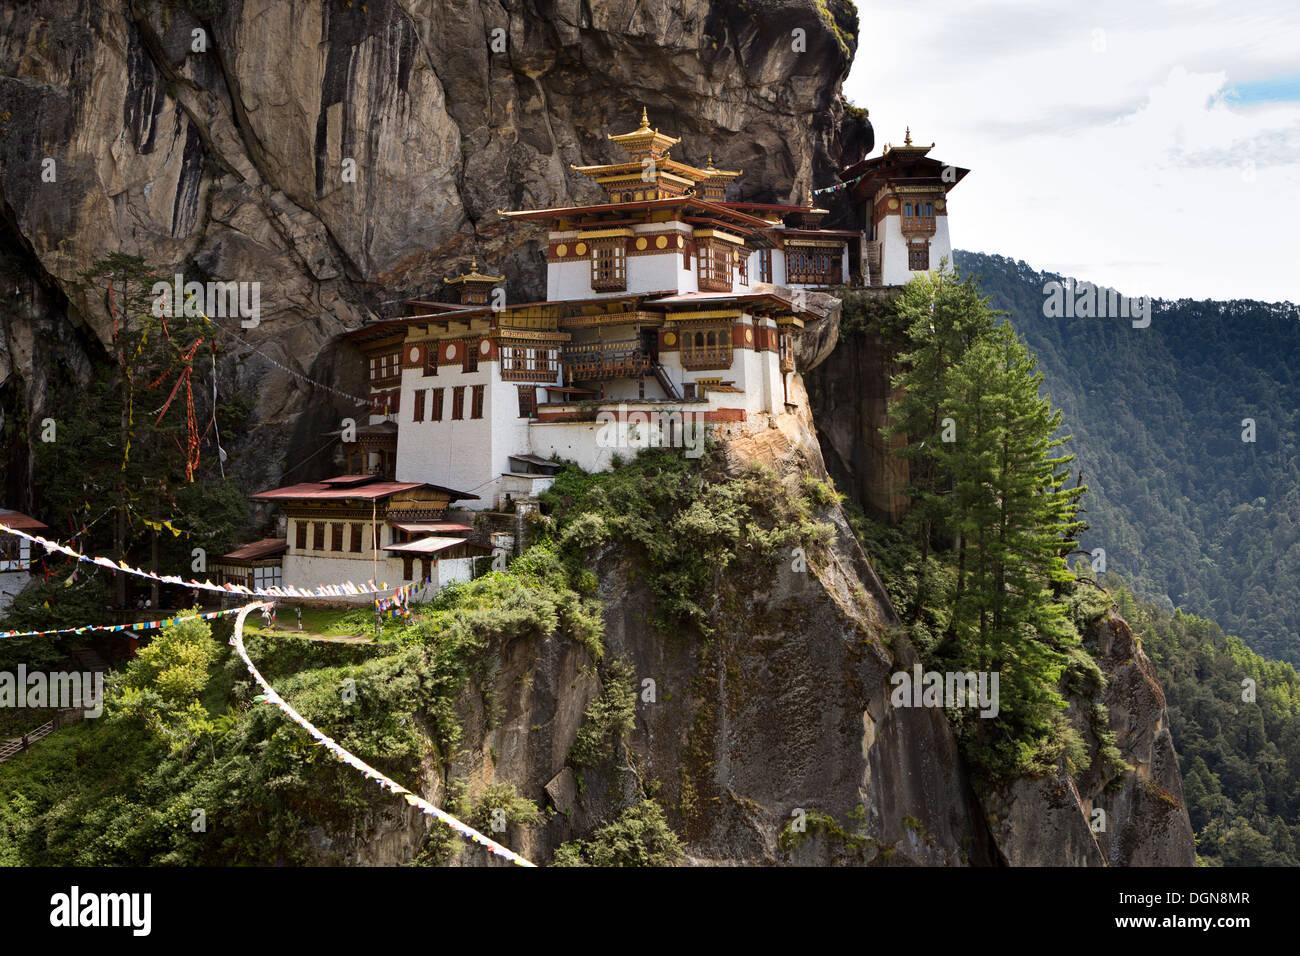 La vallée de Paro, Bhoutan, Taktsang Lhakang (Tiger's Nest) monastère accroché à la falaise Banque D'Images